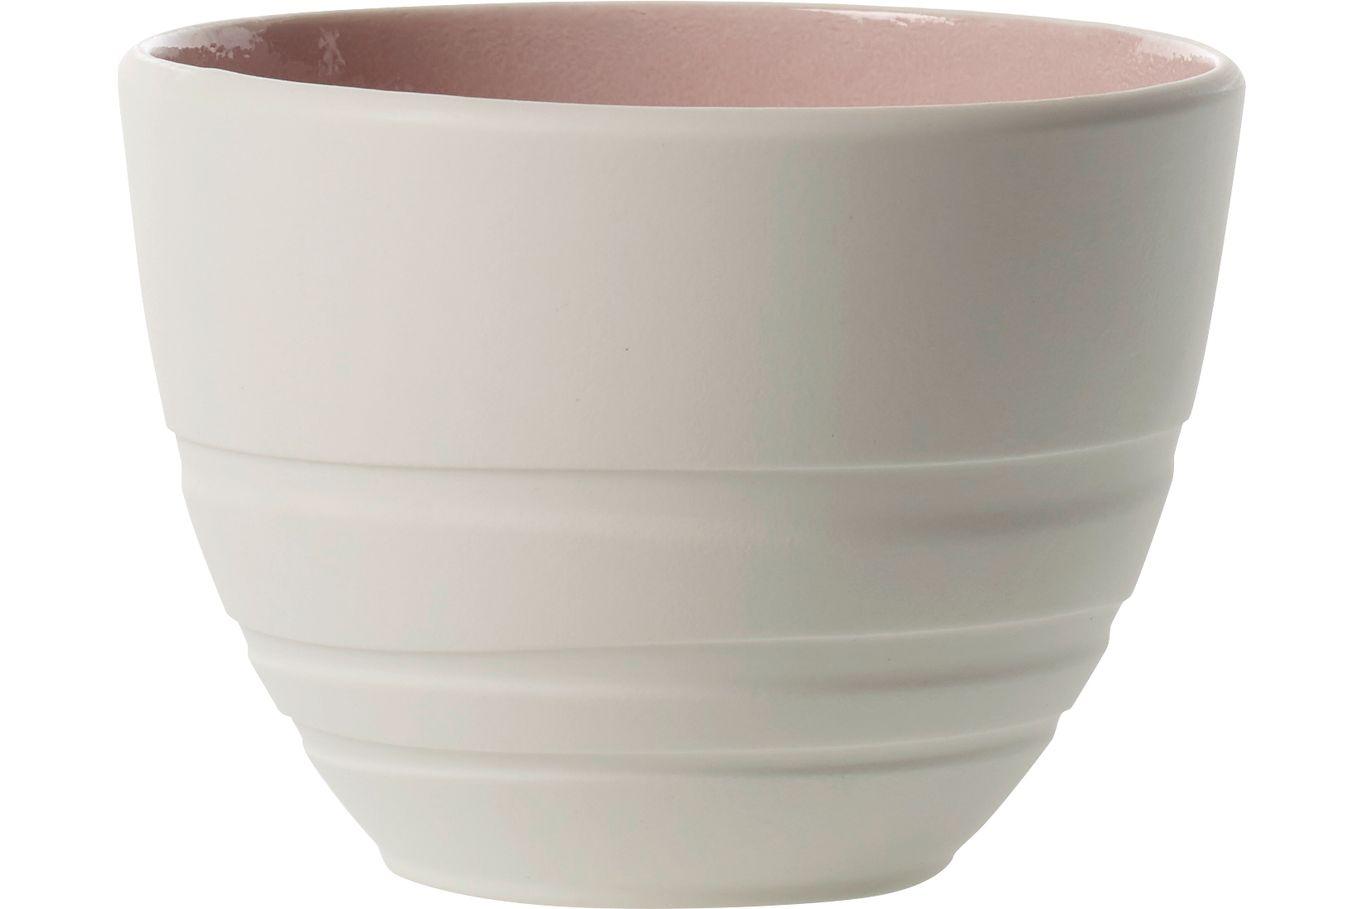 Villeroy & Boch It's my match Mug Leaf - Powder, No handle 11 x 8cm, 0.45l thumb 1